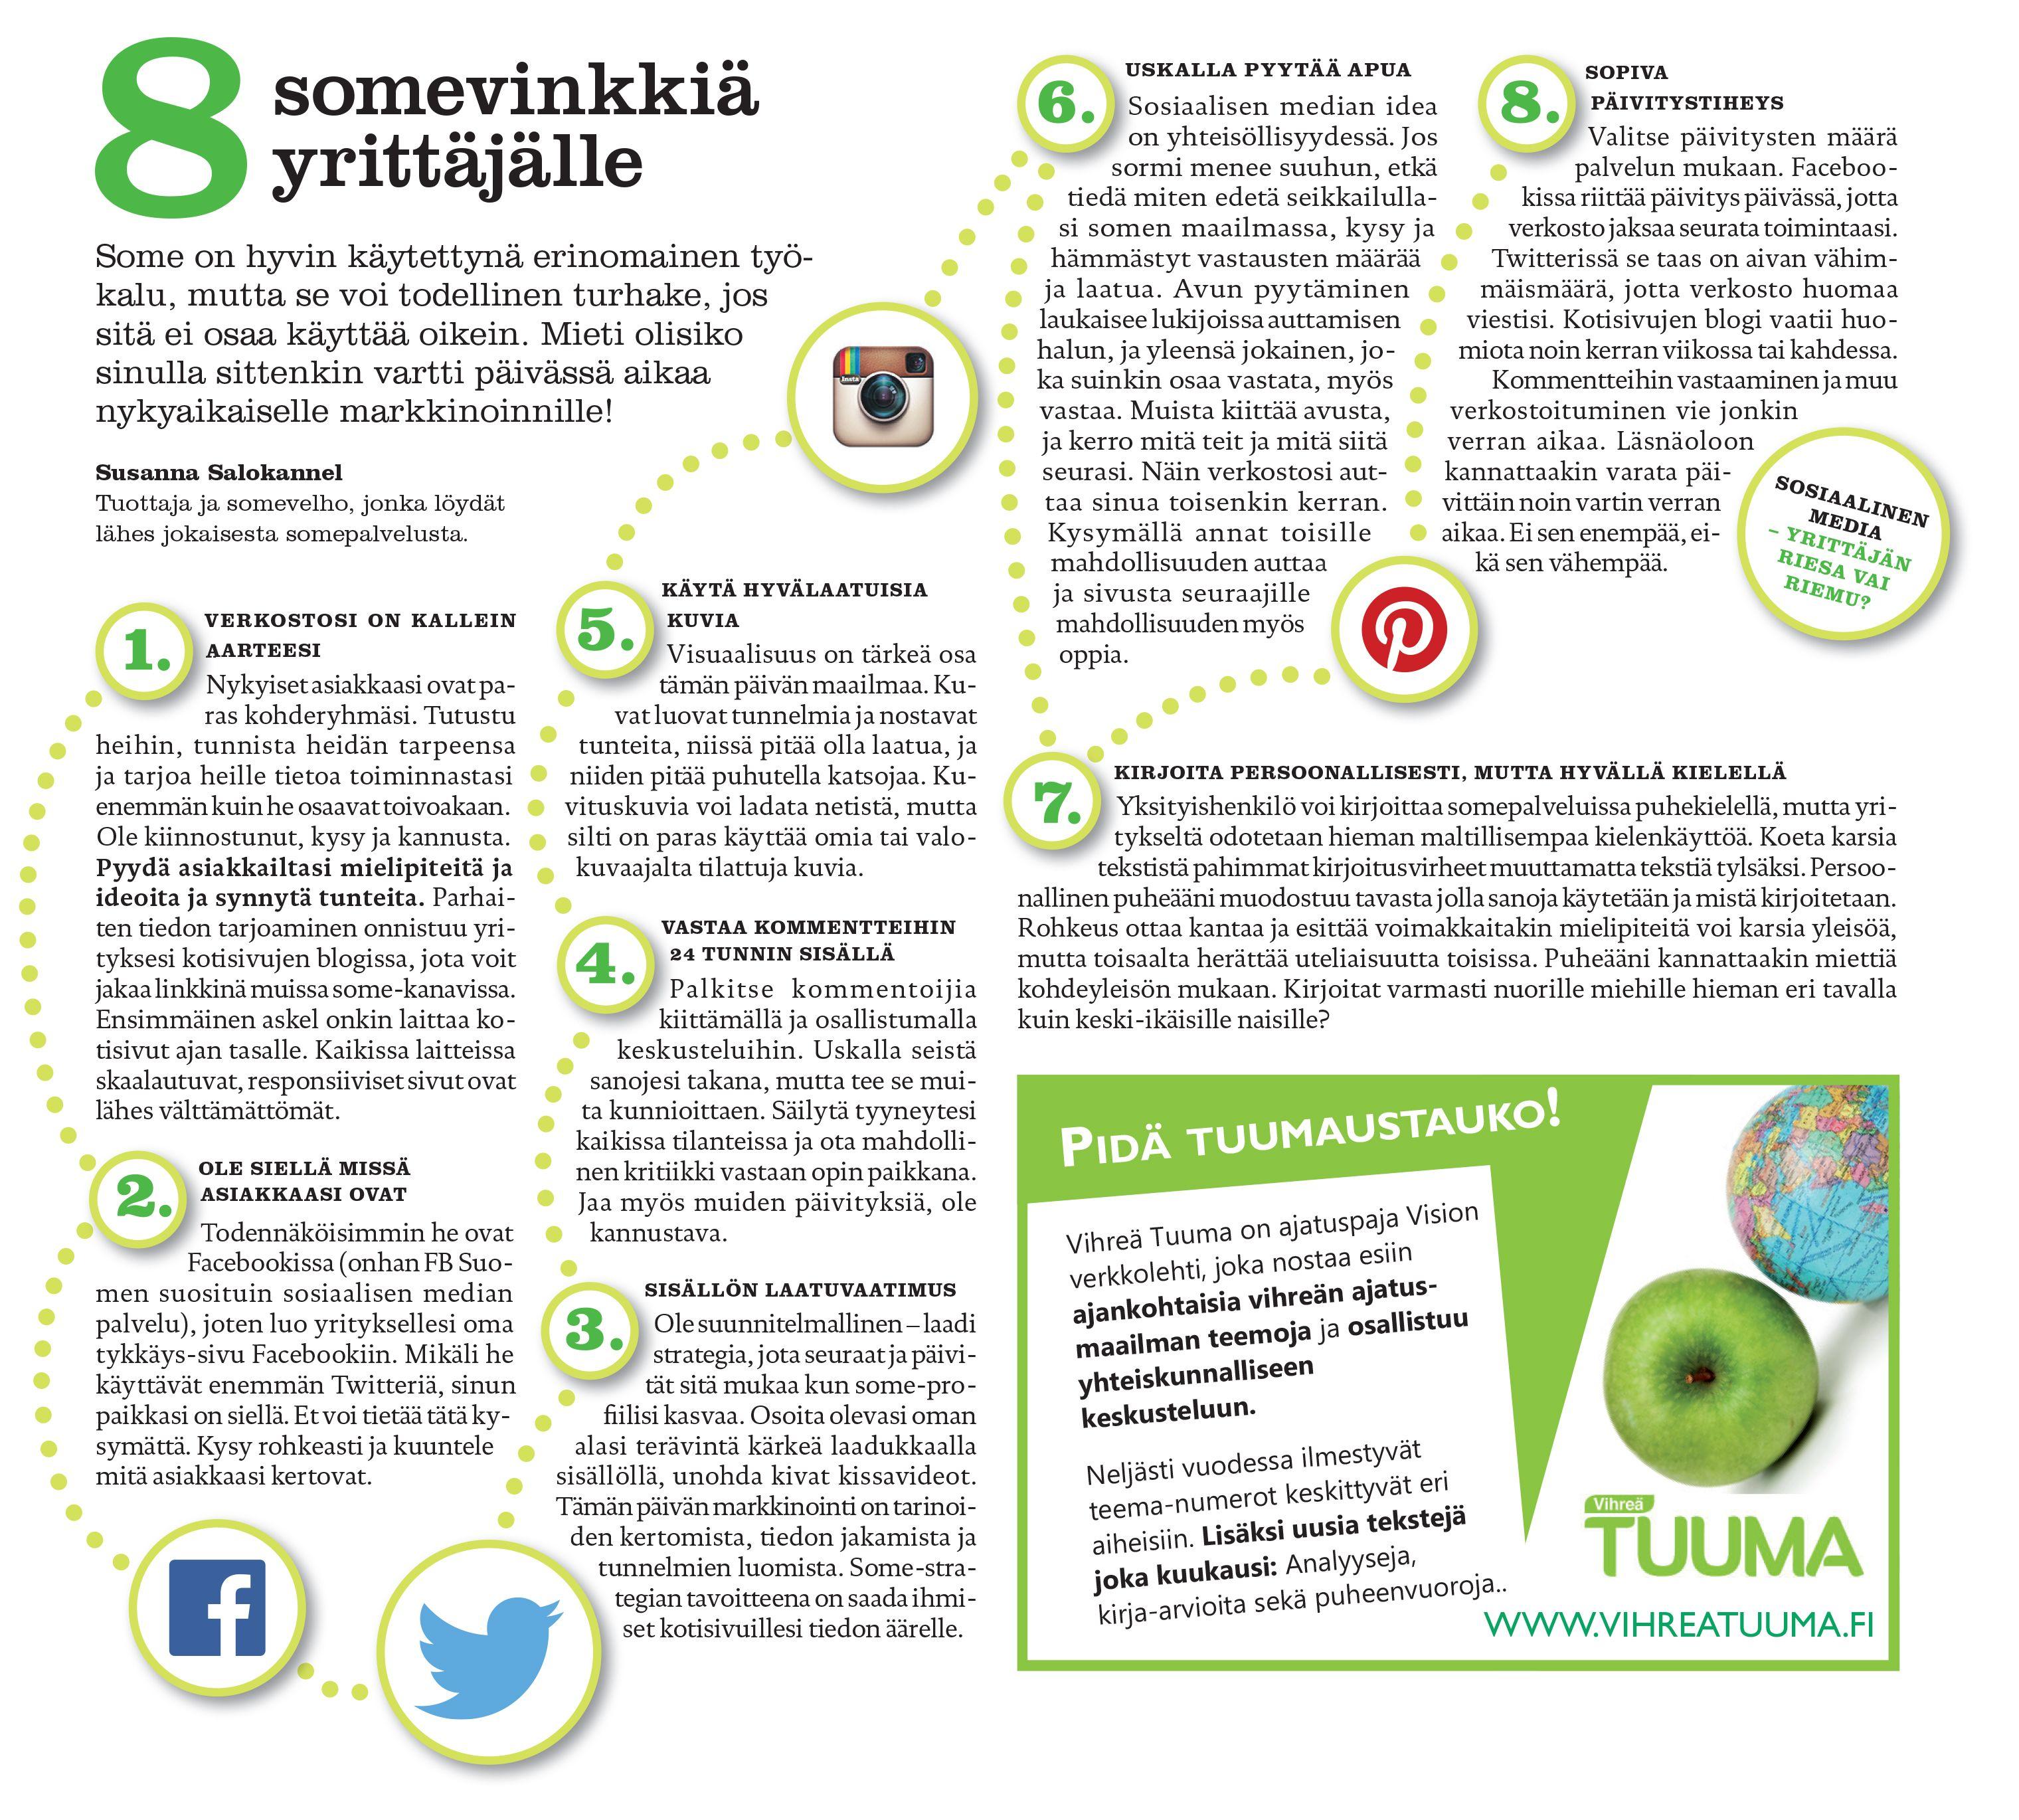 8 somevinkkiä yrittäjille | julkaistu Vihreiden Yrittäjien lehdessä 3.10.2014 | Susanna Salokannel